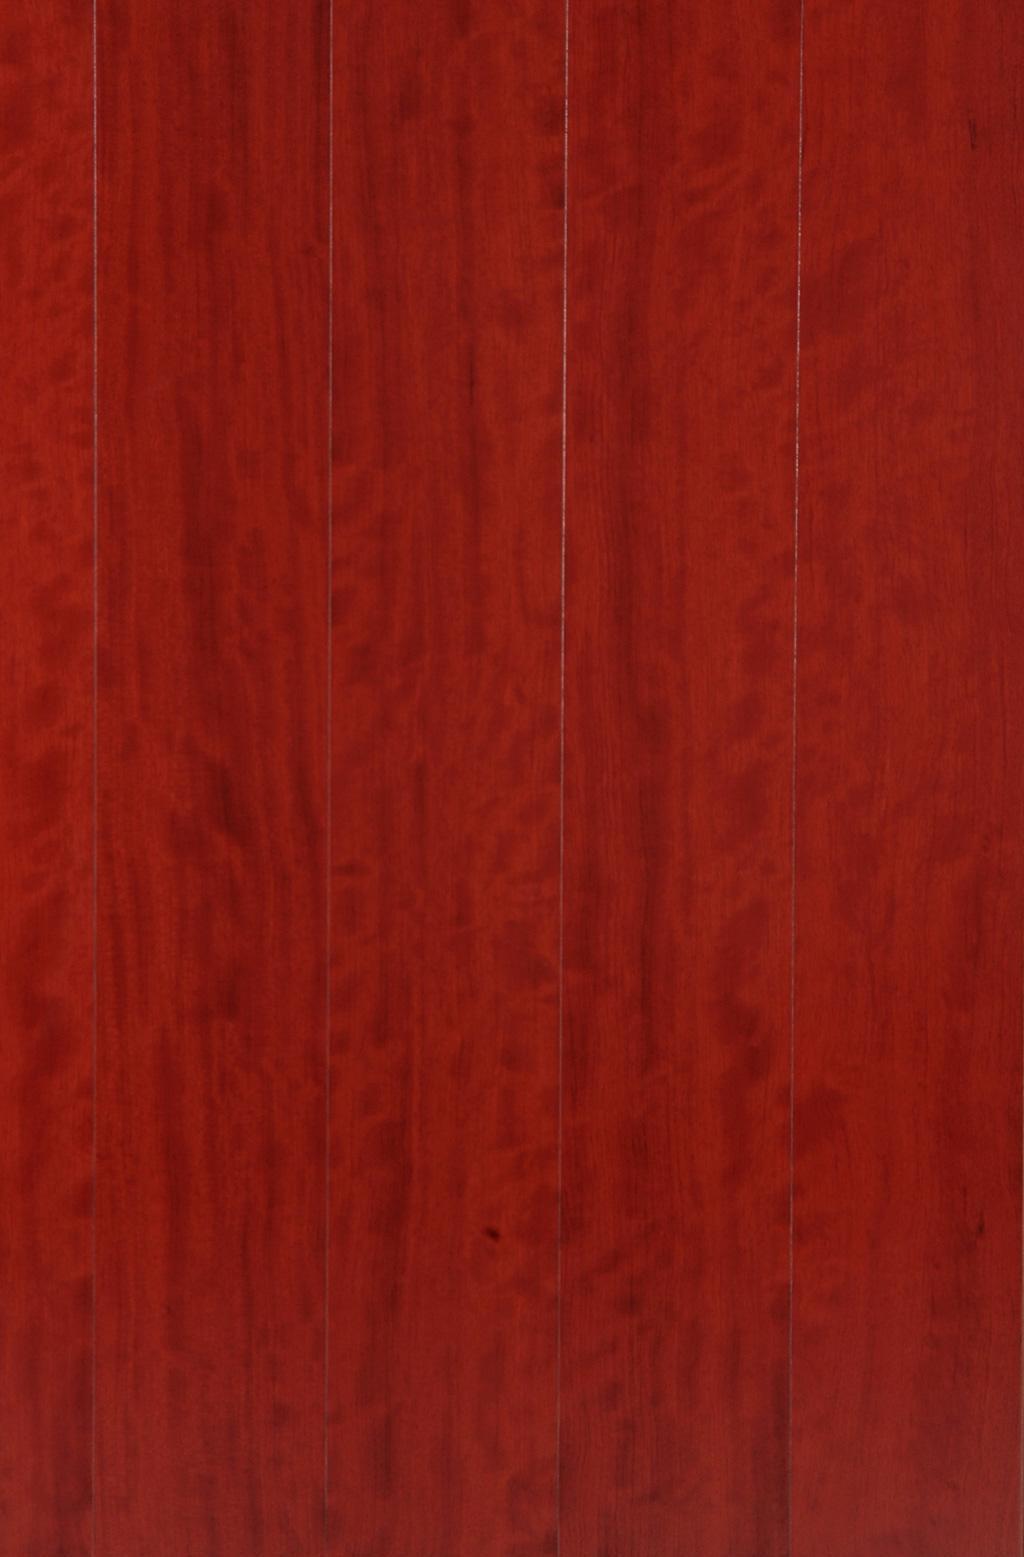 新生活家实木复合地板-普通板-布宾加布宾加